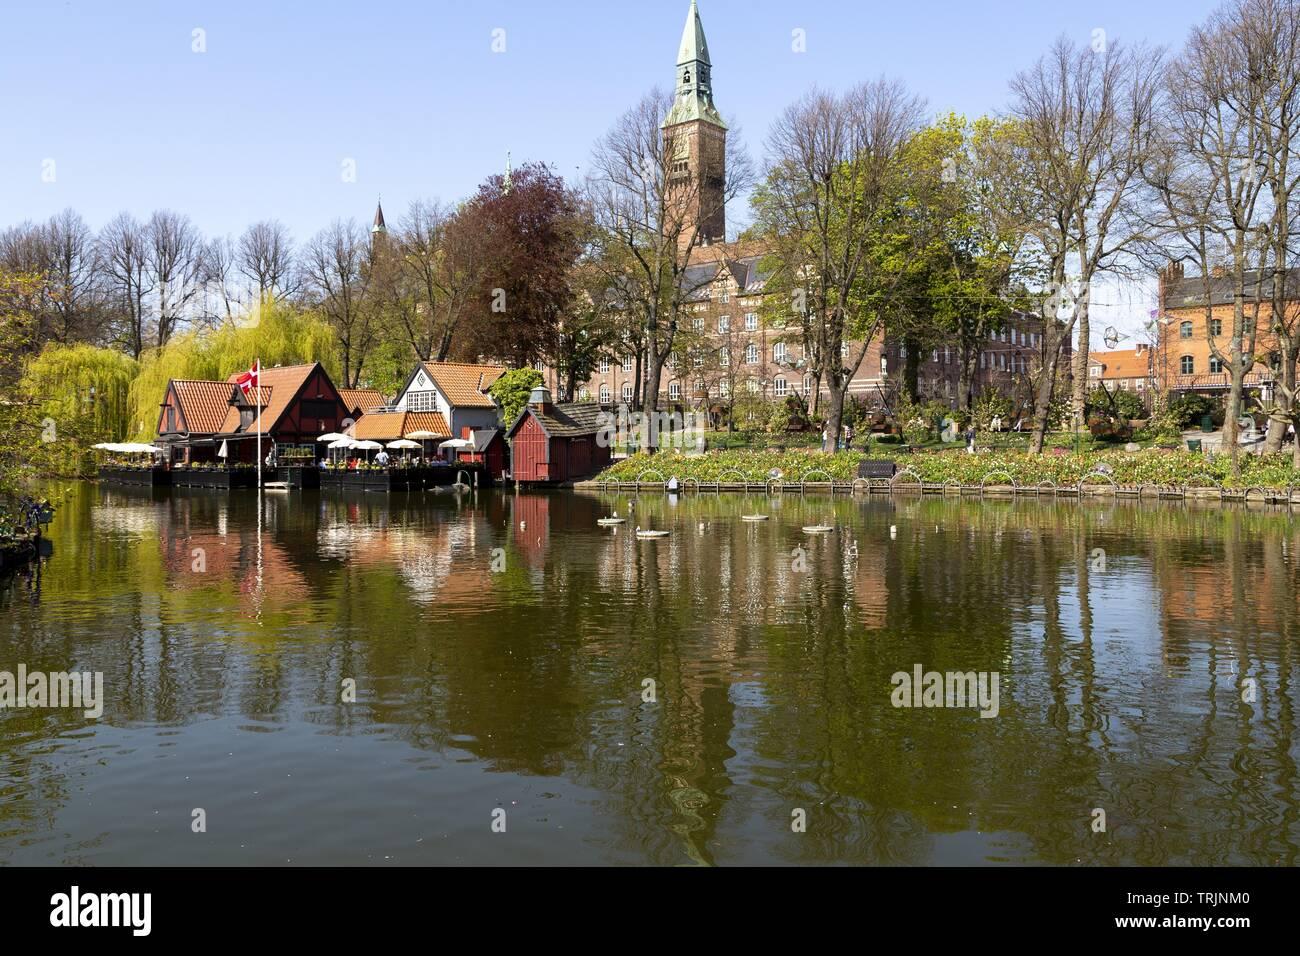 """Le """"Tivoli Gardens est situé dans le centre de Copenhague. Ouvert au public le 15 août 1843, de l'AMT. Tivoli' 'est pas touristiques les plus visités Banque D'Images"""